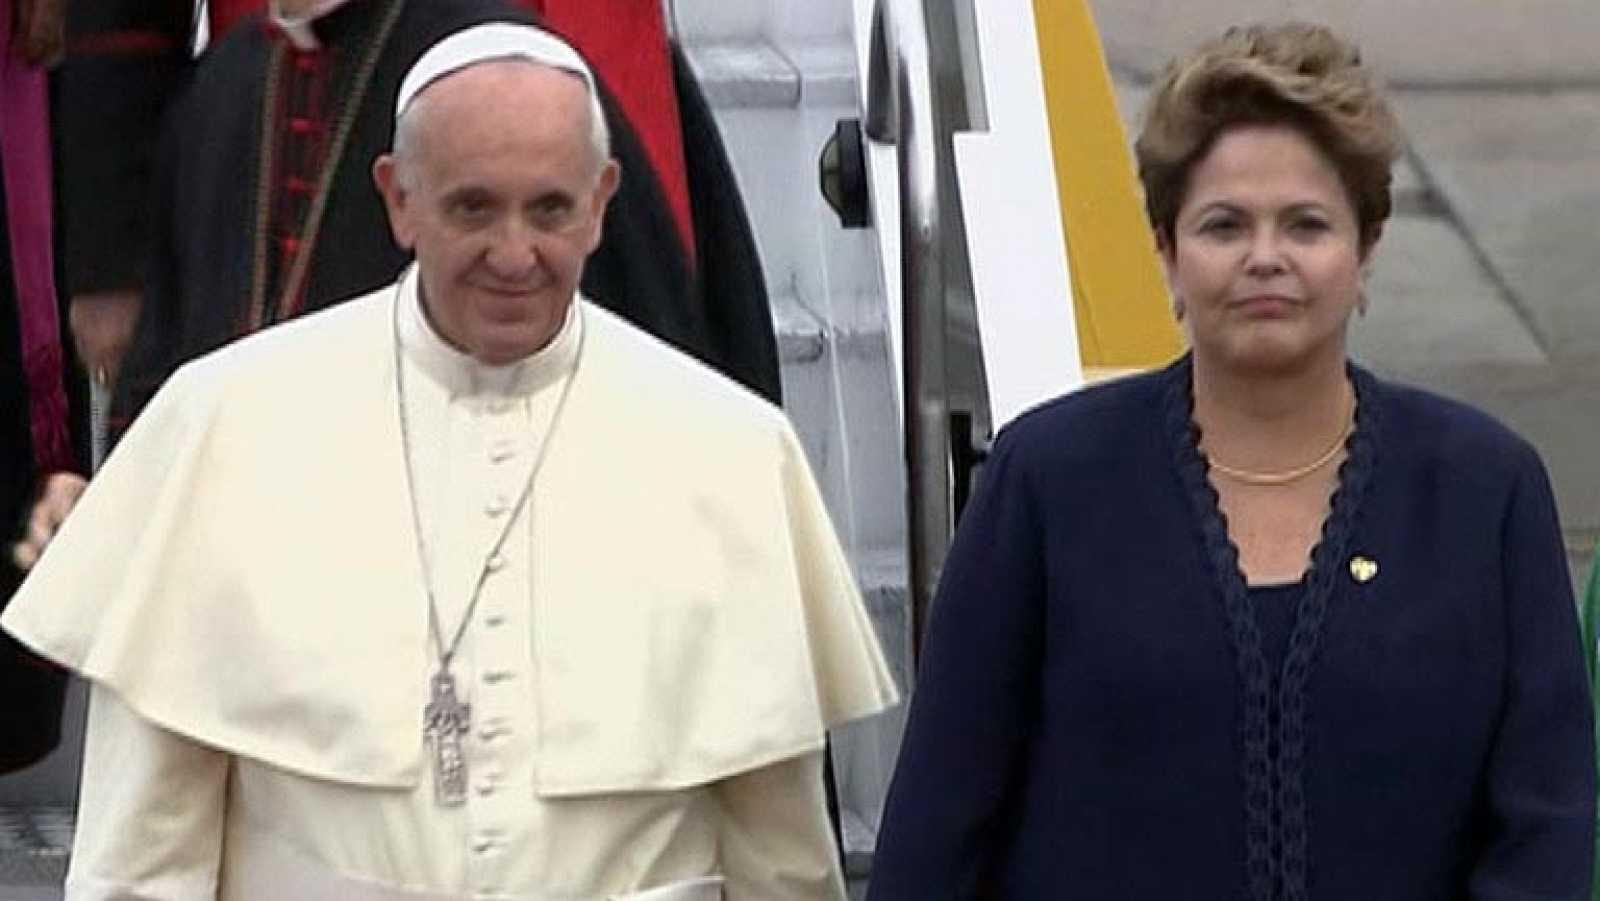 El papa Francisco llega a Brasil para celebrar la Jornada Mundial de la Juventud